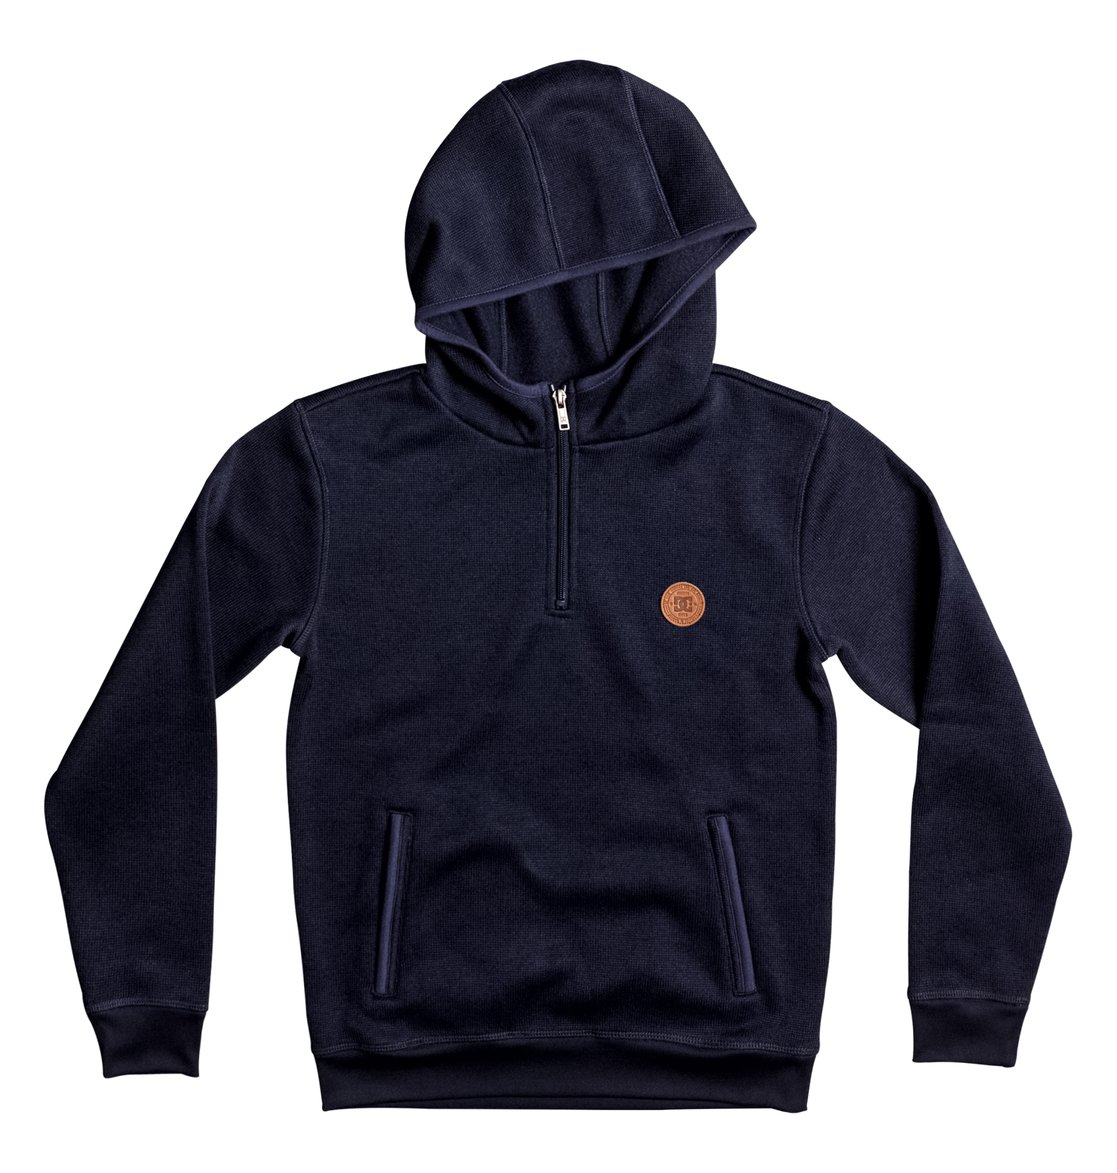 online retailer f0927 97652 Elby - Felpa in pile con cappuccio e mezza zip EDBPF03009 ...